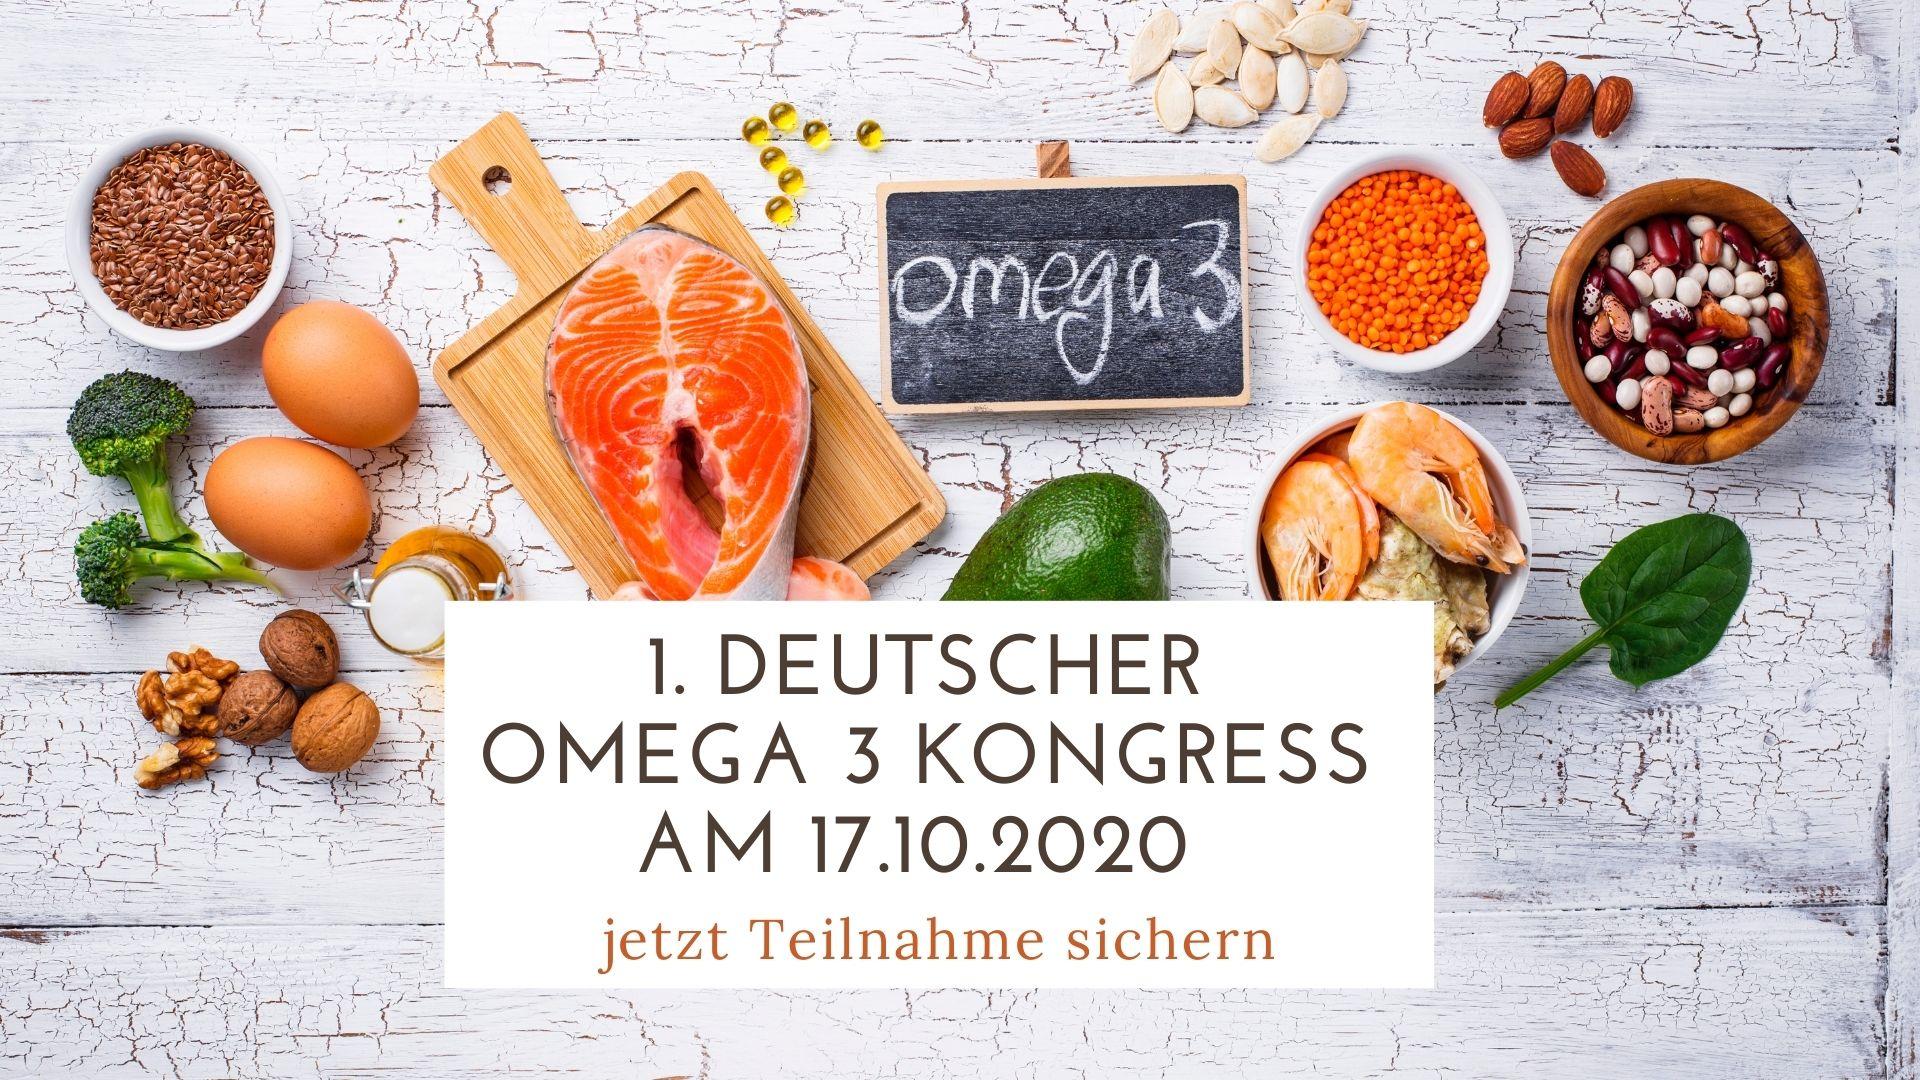 1. Deutscher Omega 3 Kongress am 17.10.2020 – jetzt Teilnahme sichern